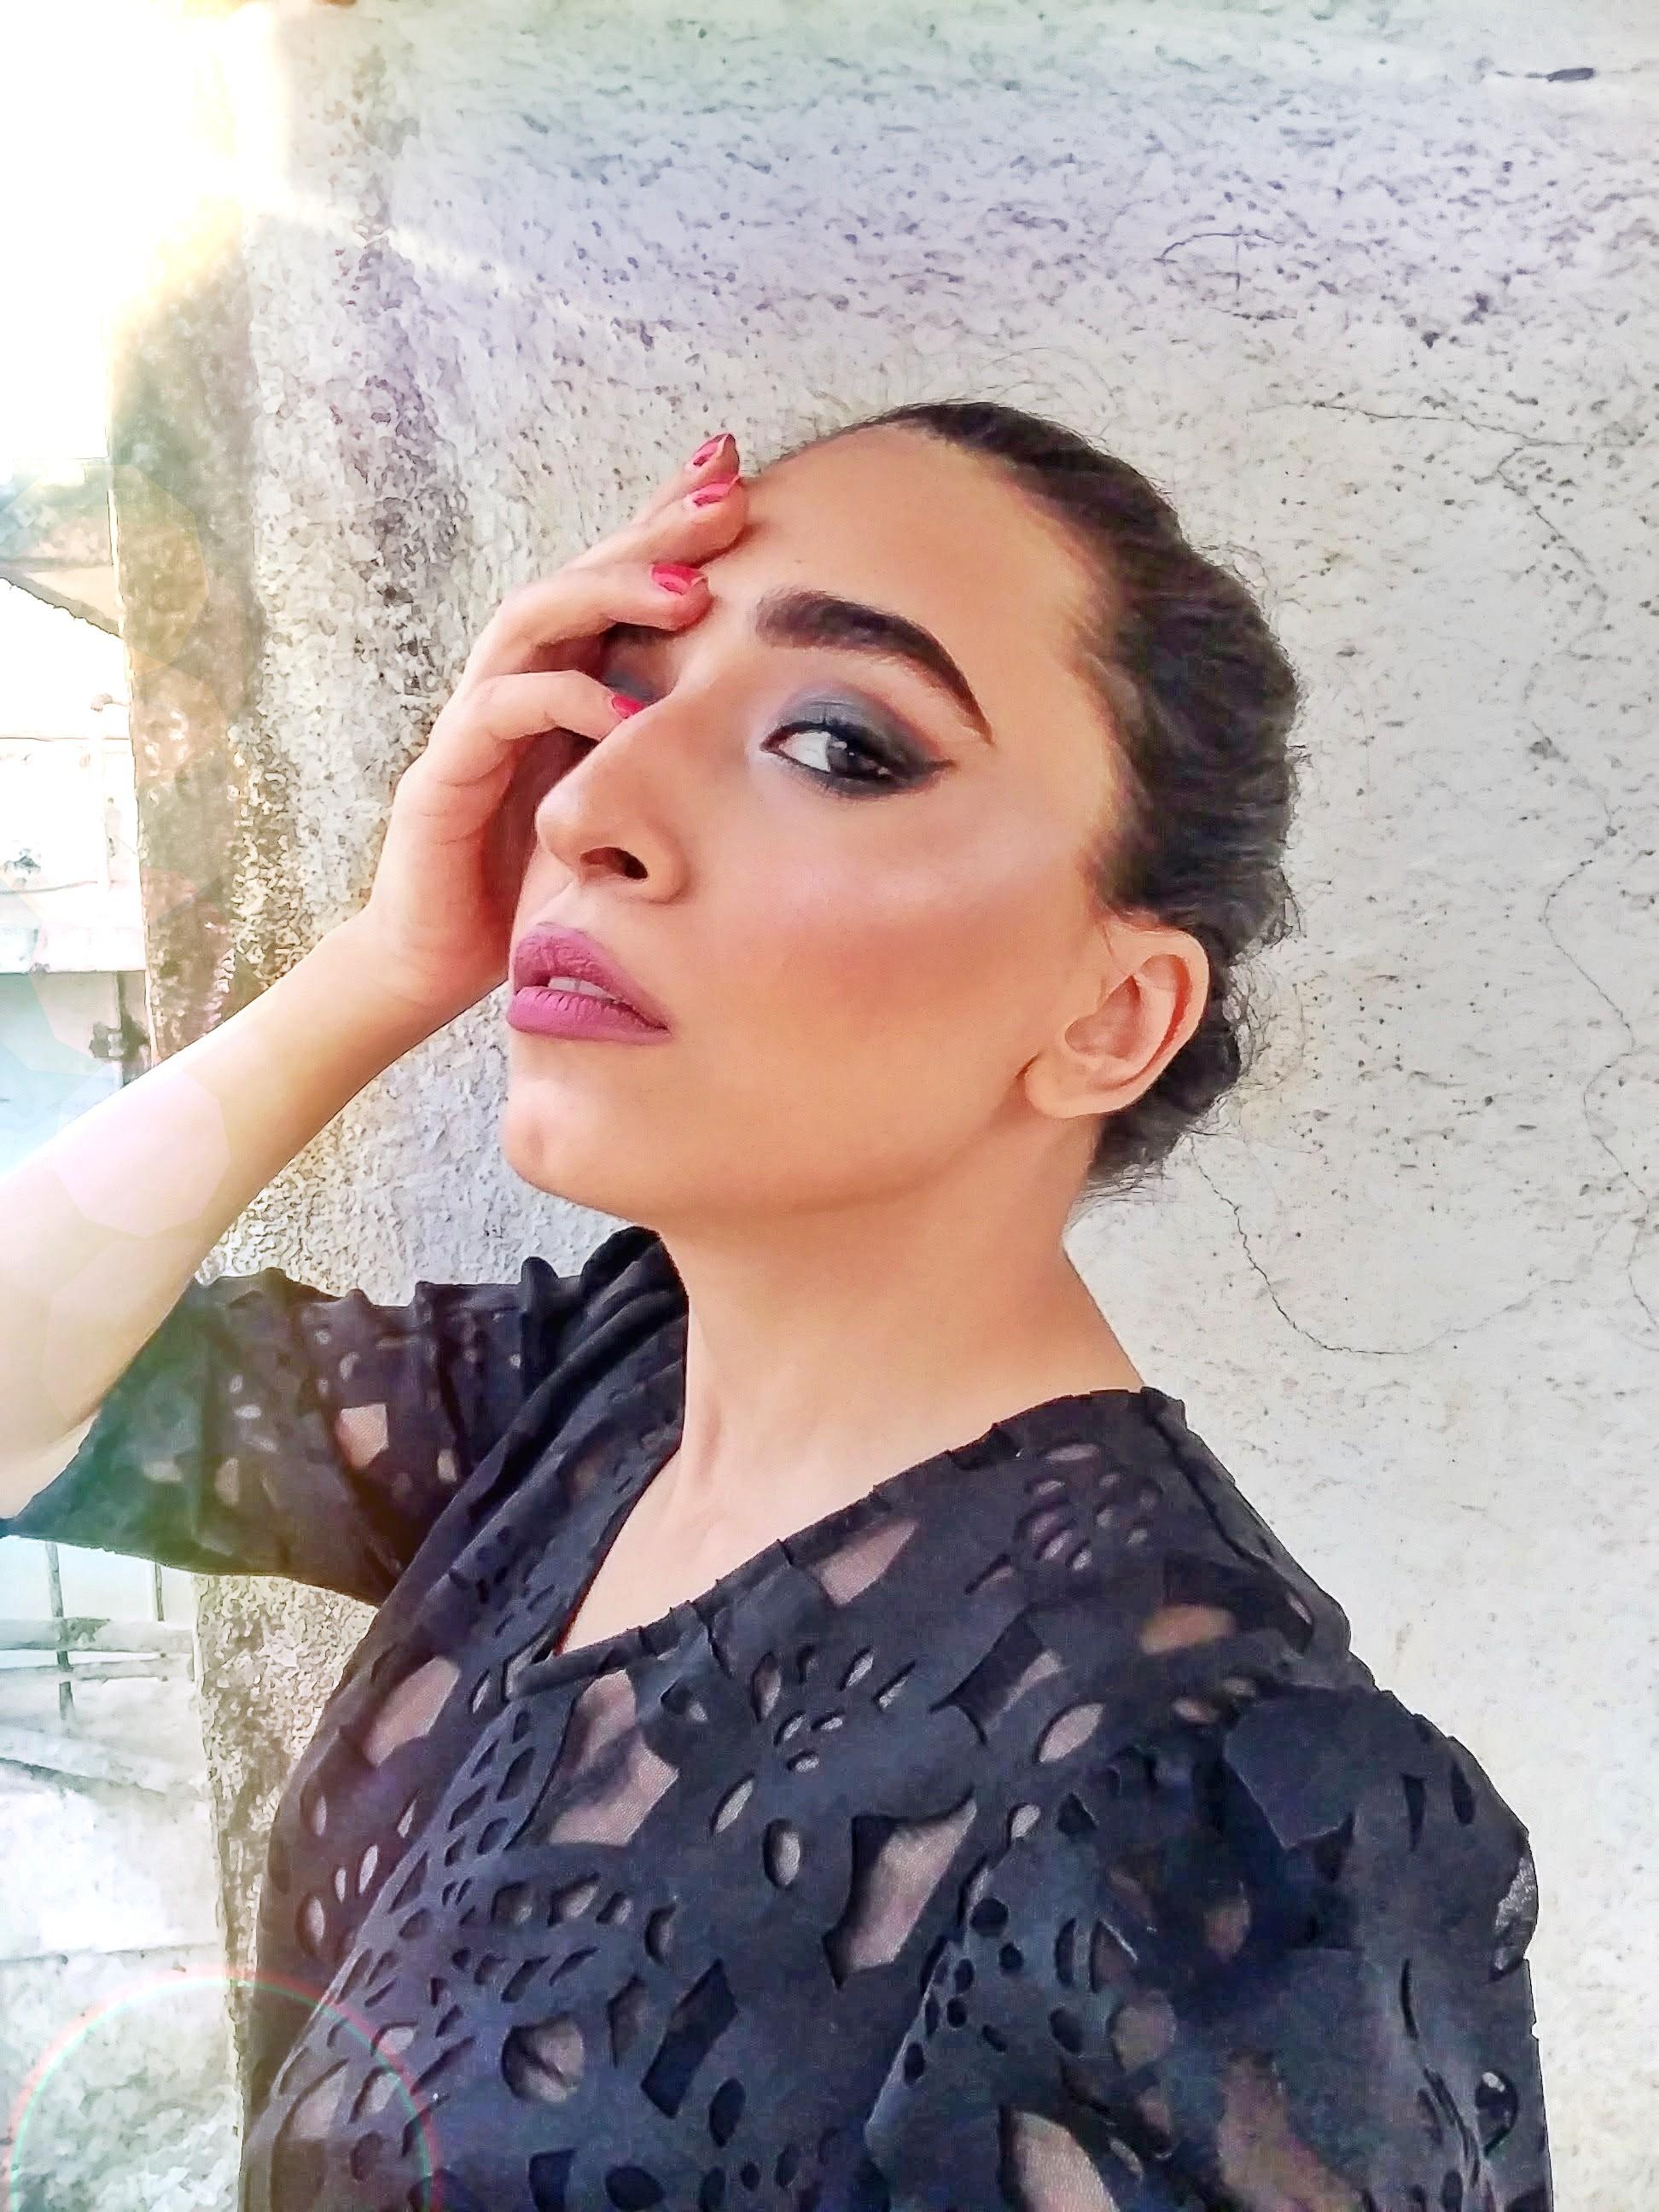 makeup tutorial, eye makeup tutorial, smokey eye, makeup, green eyeshadow, brown eyes, i tried following a make up tutorial